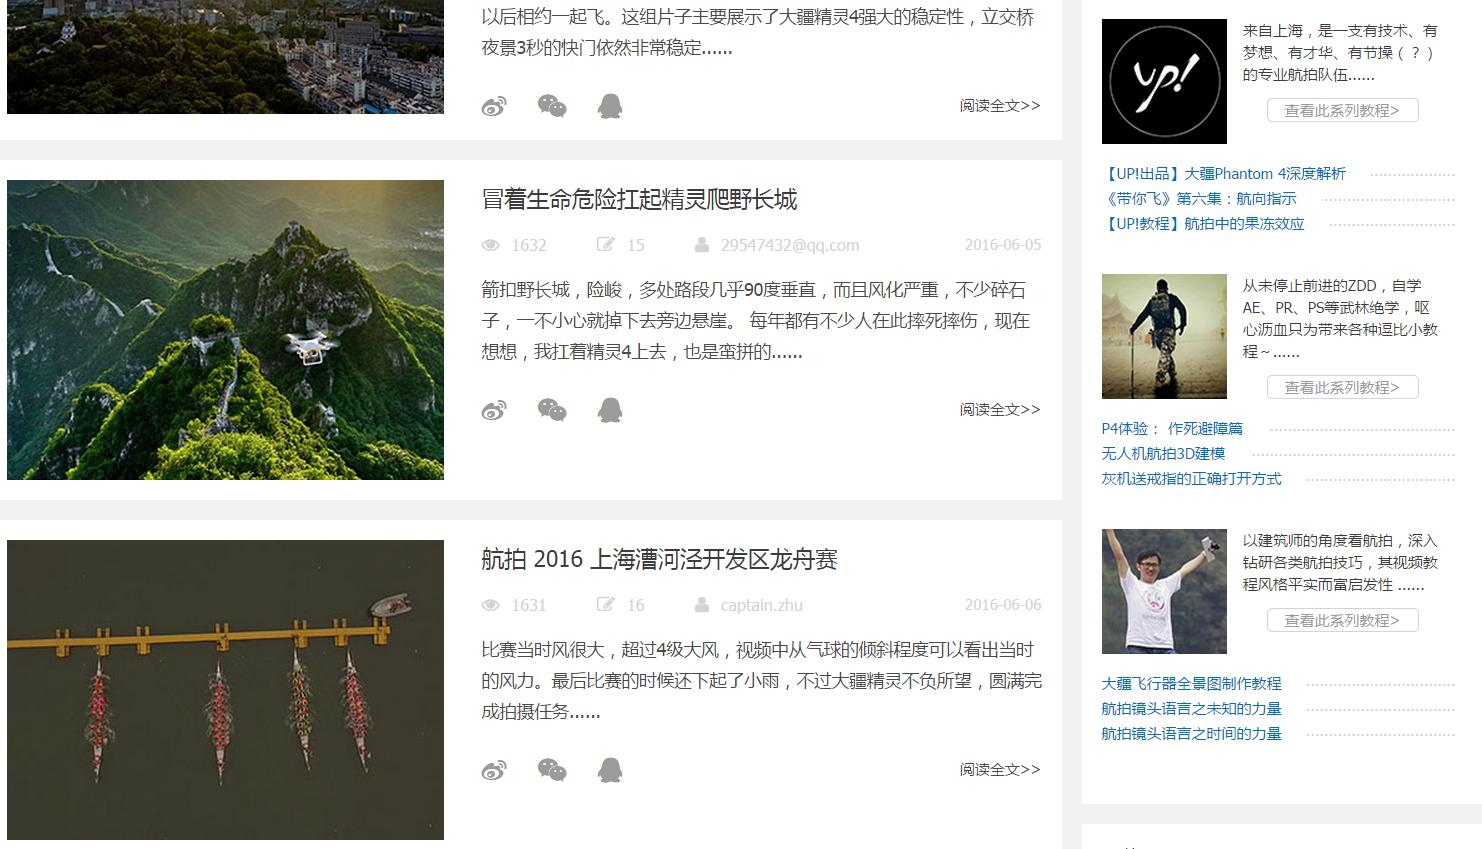 20160605 航拍 2016 漕河泾开发区龙舟赛.png